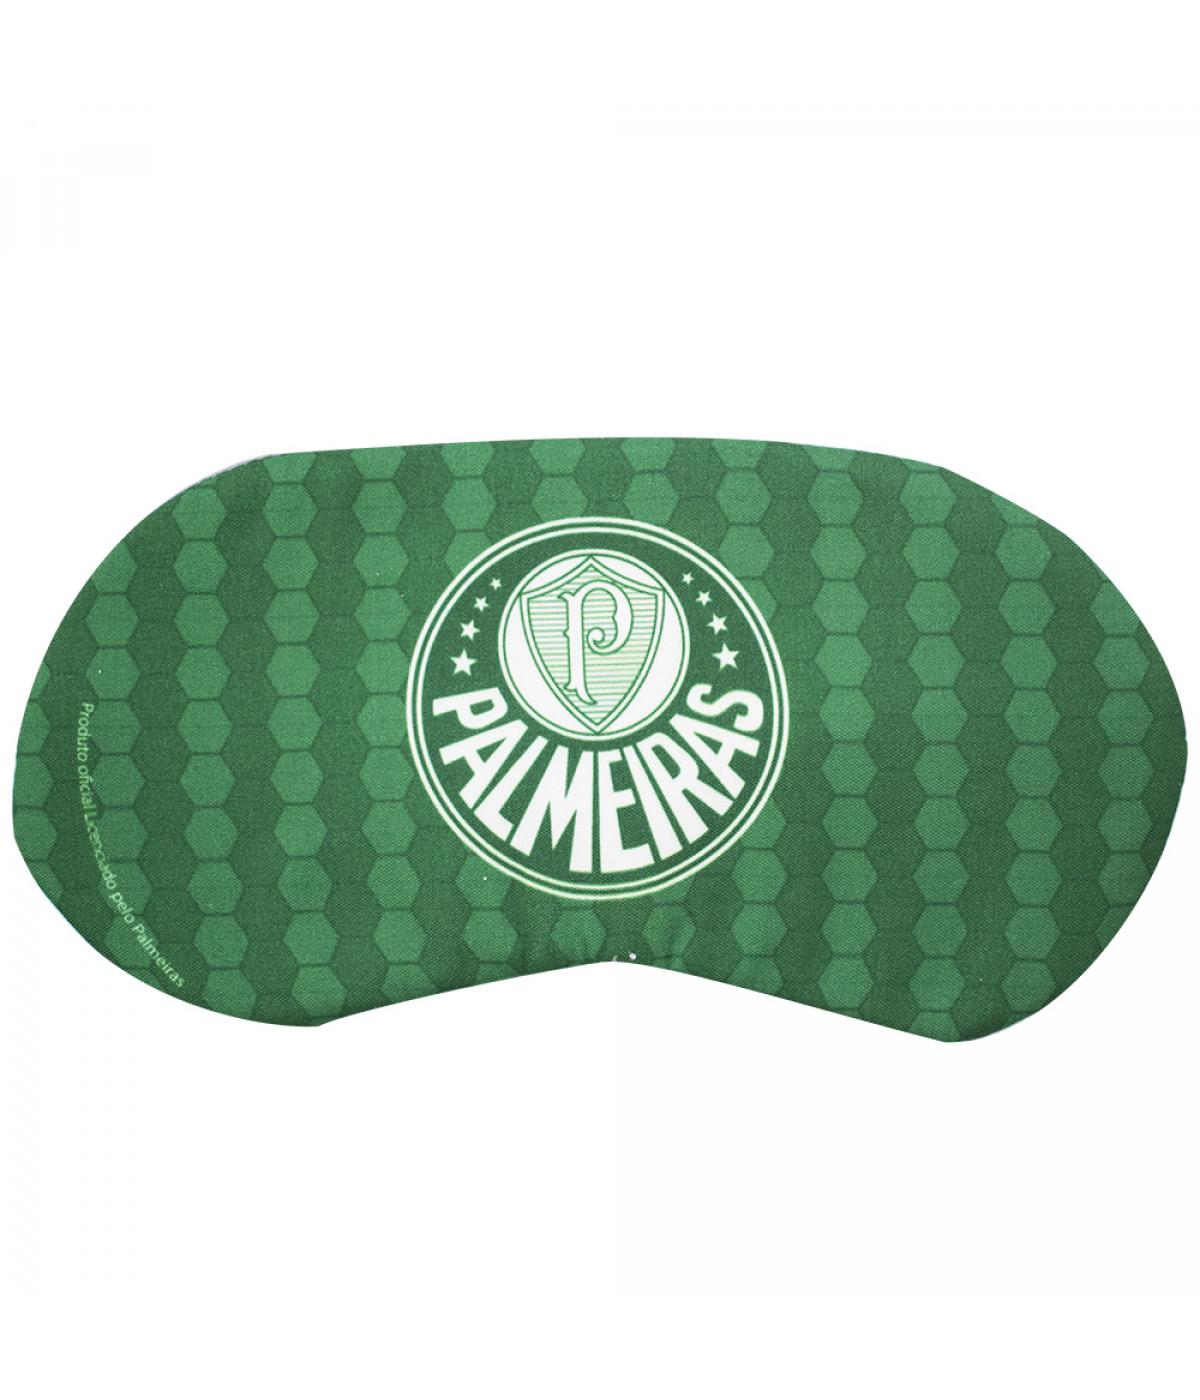 Máscara de dormir do Palmeiras - Camarote do Torcedor ed33201acc9bc